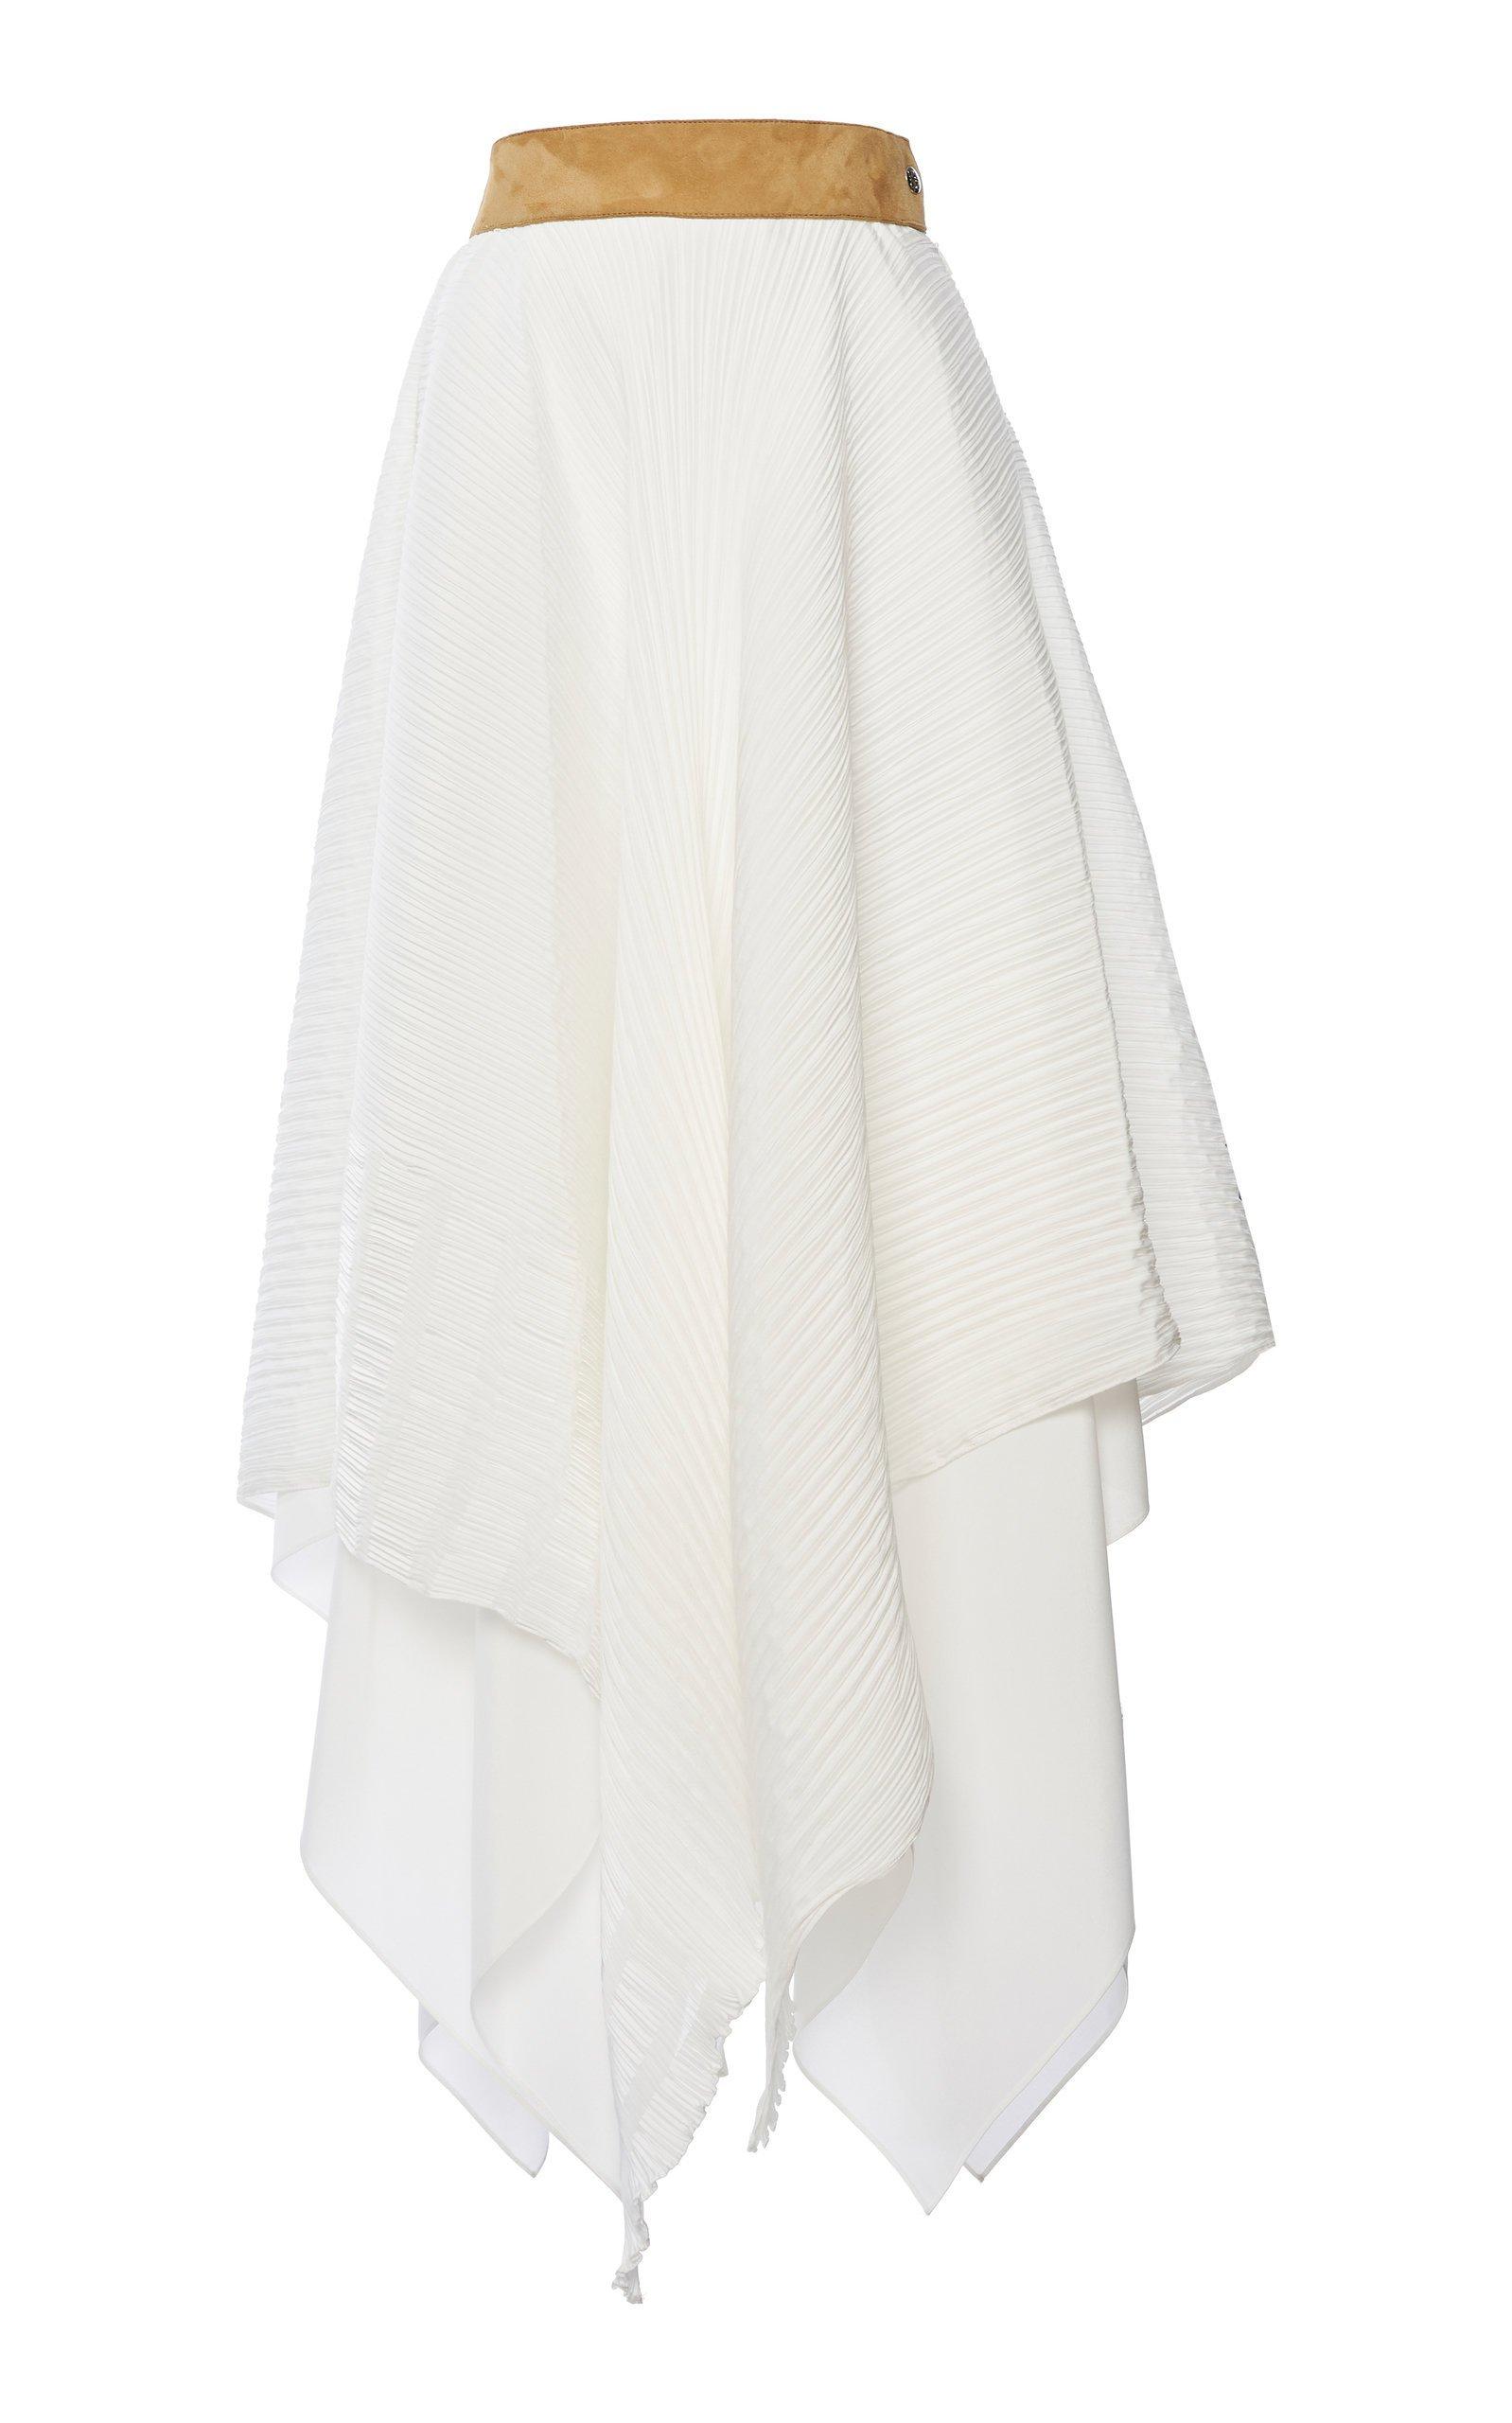 Loewe Plissé Asymmetric Skirt Size: 36